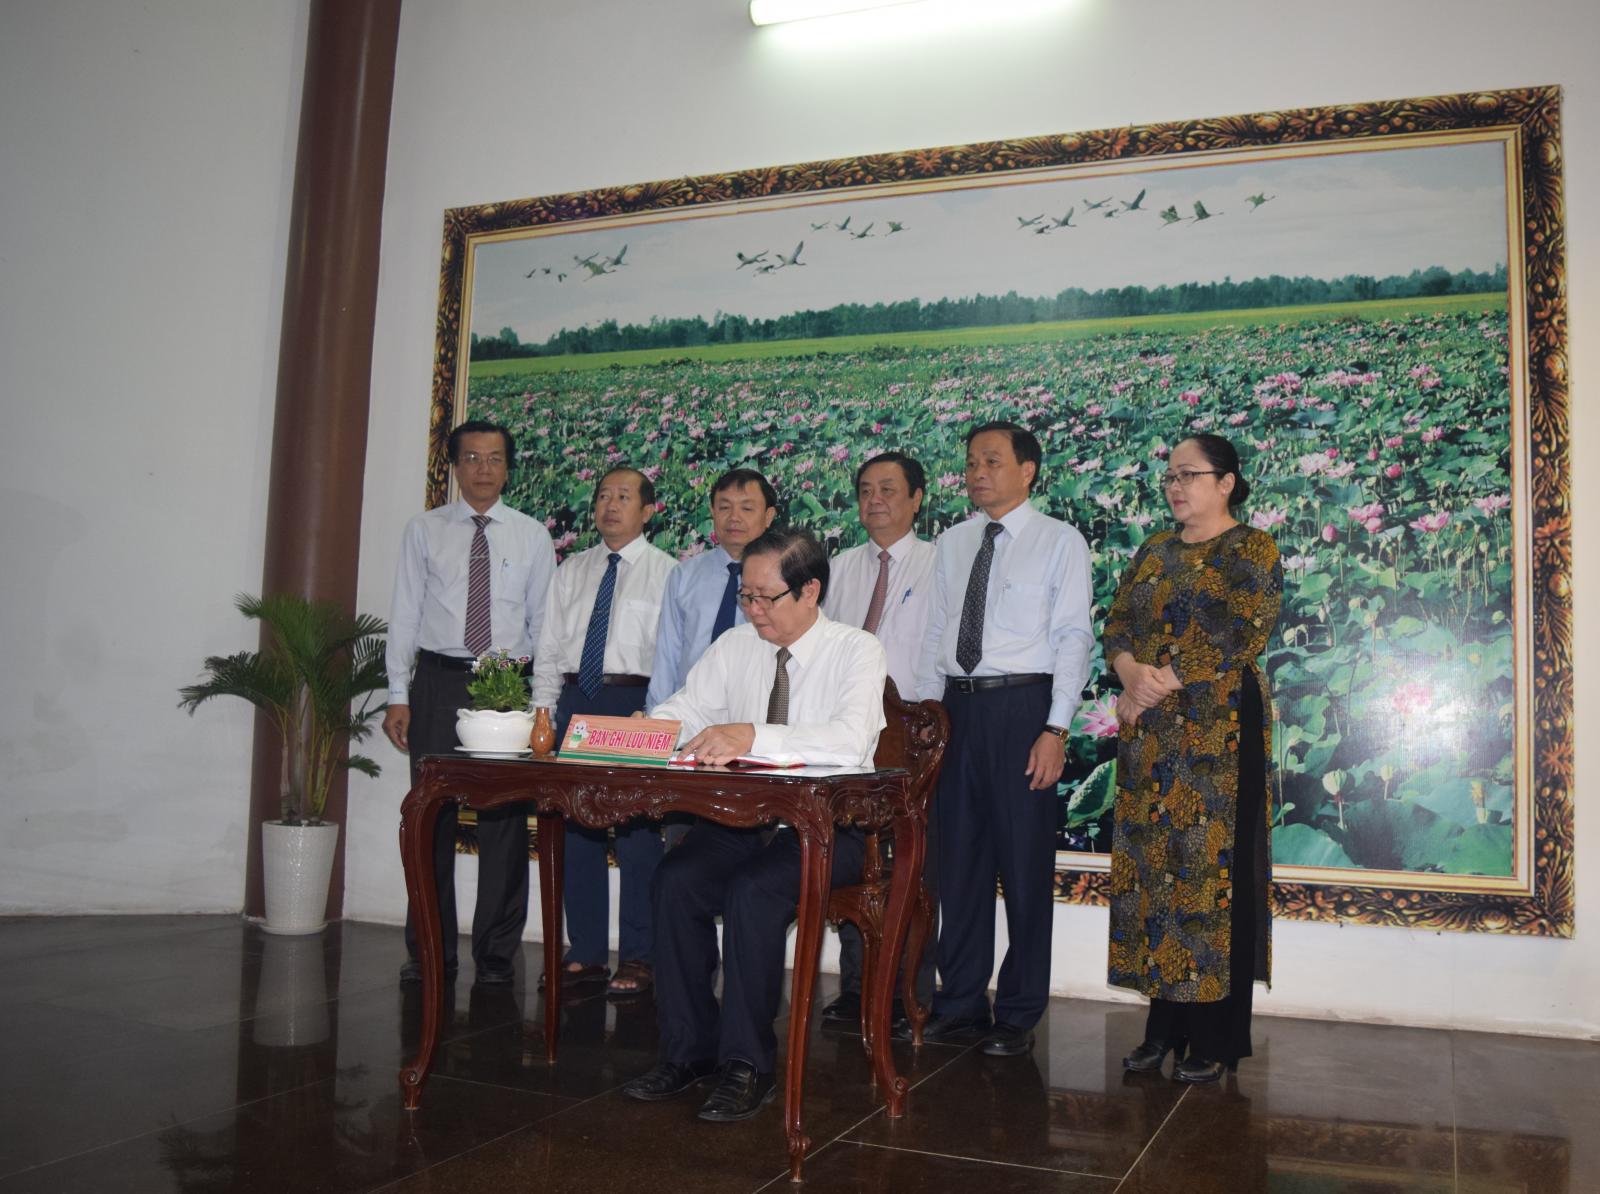 Bộ trưởng Bộ nội vụ Lê Vĩnh Tân và Đoàn Lãnh đạo Tỉnh đến viếng, dâng hương, dâng hoa Cụ Phó bảng Nguyễn Sinh Sắc